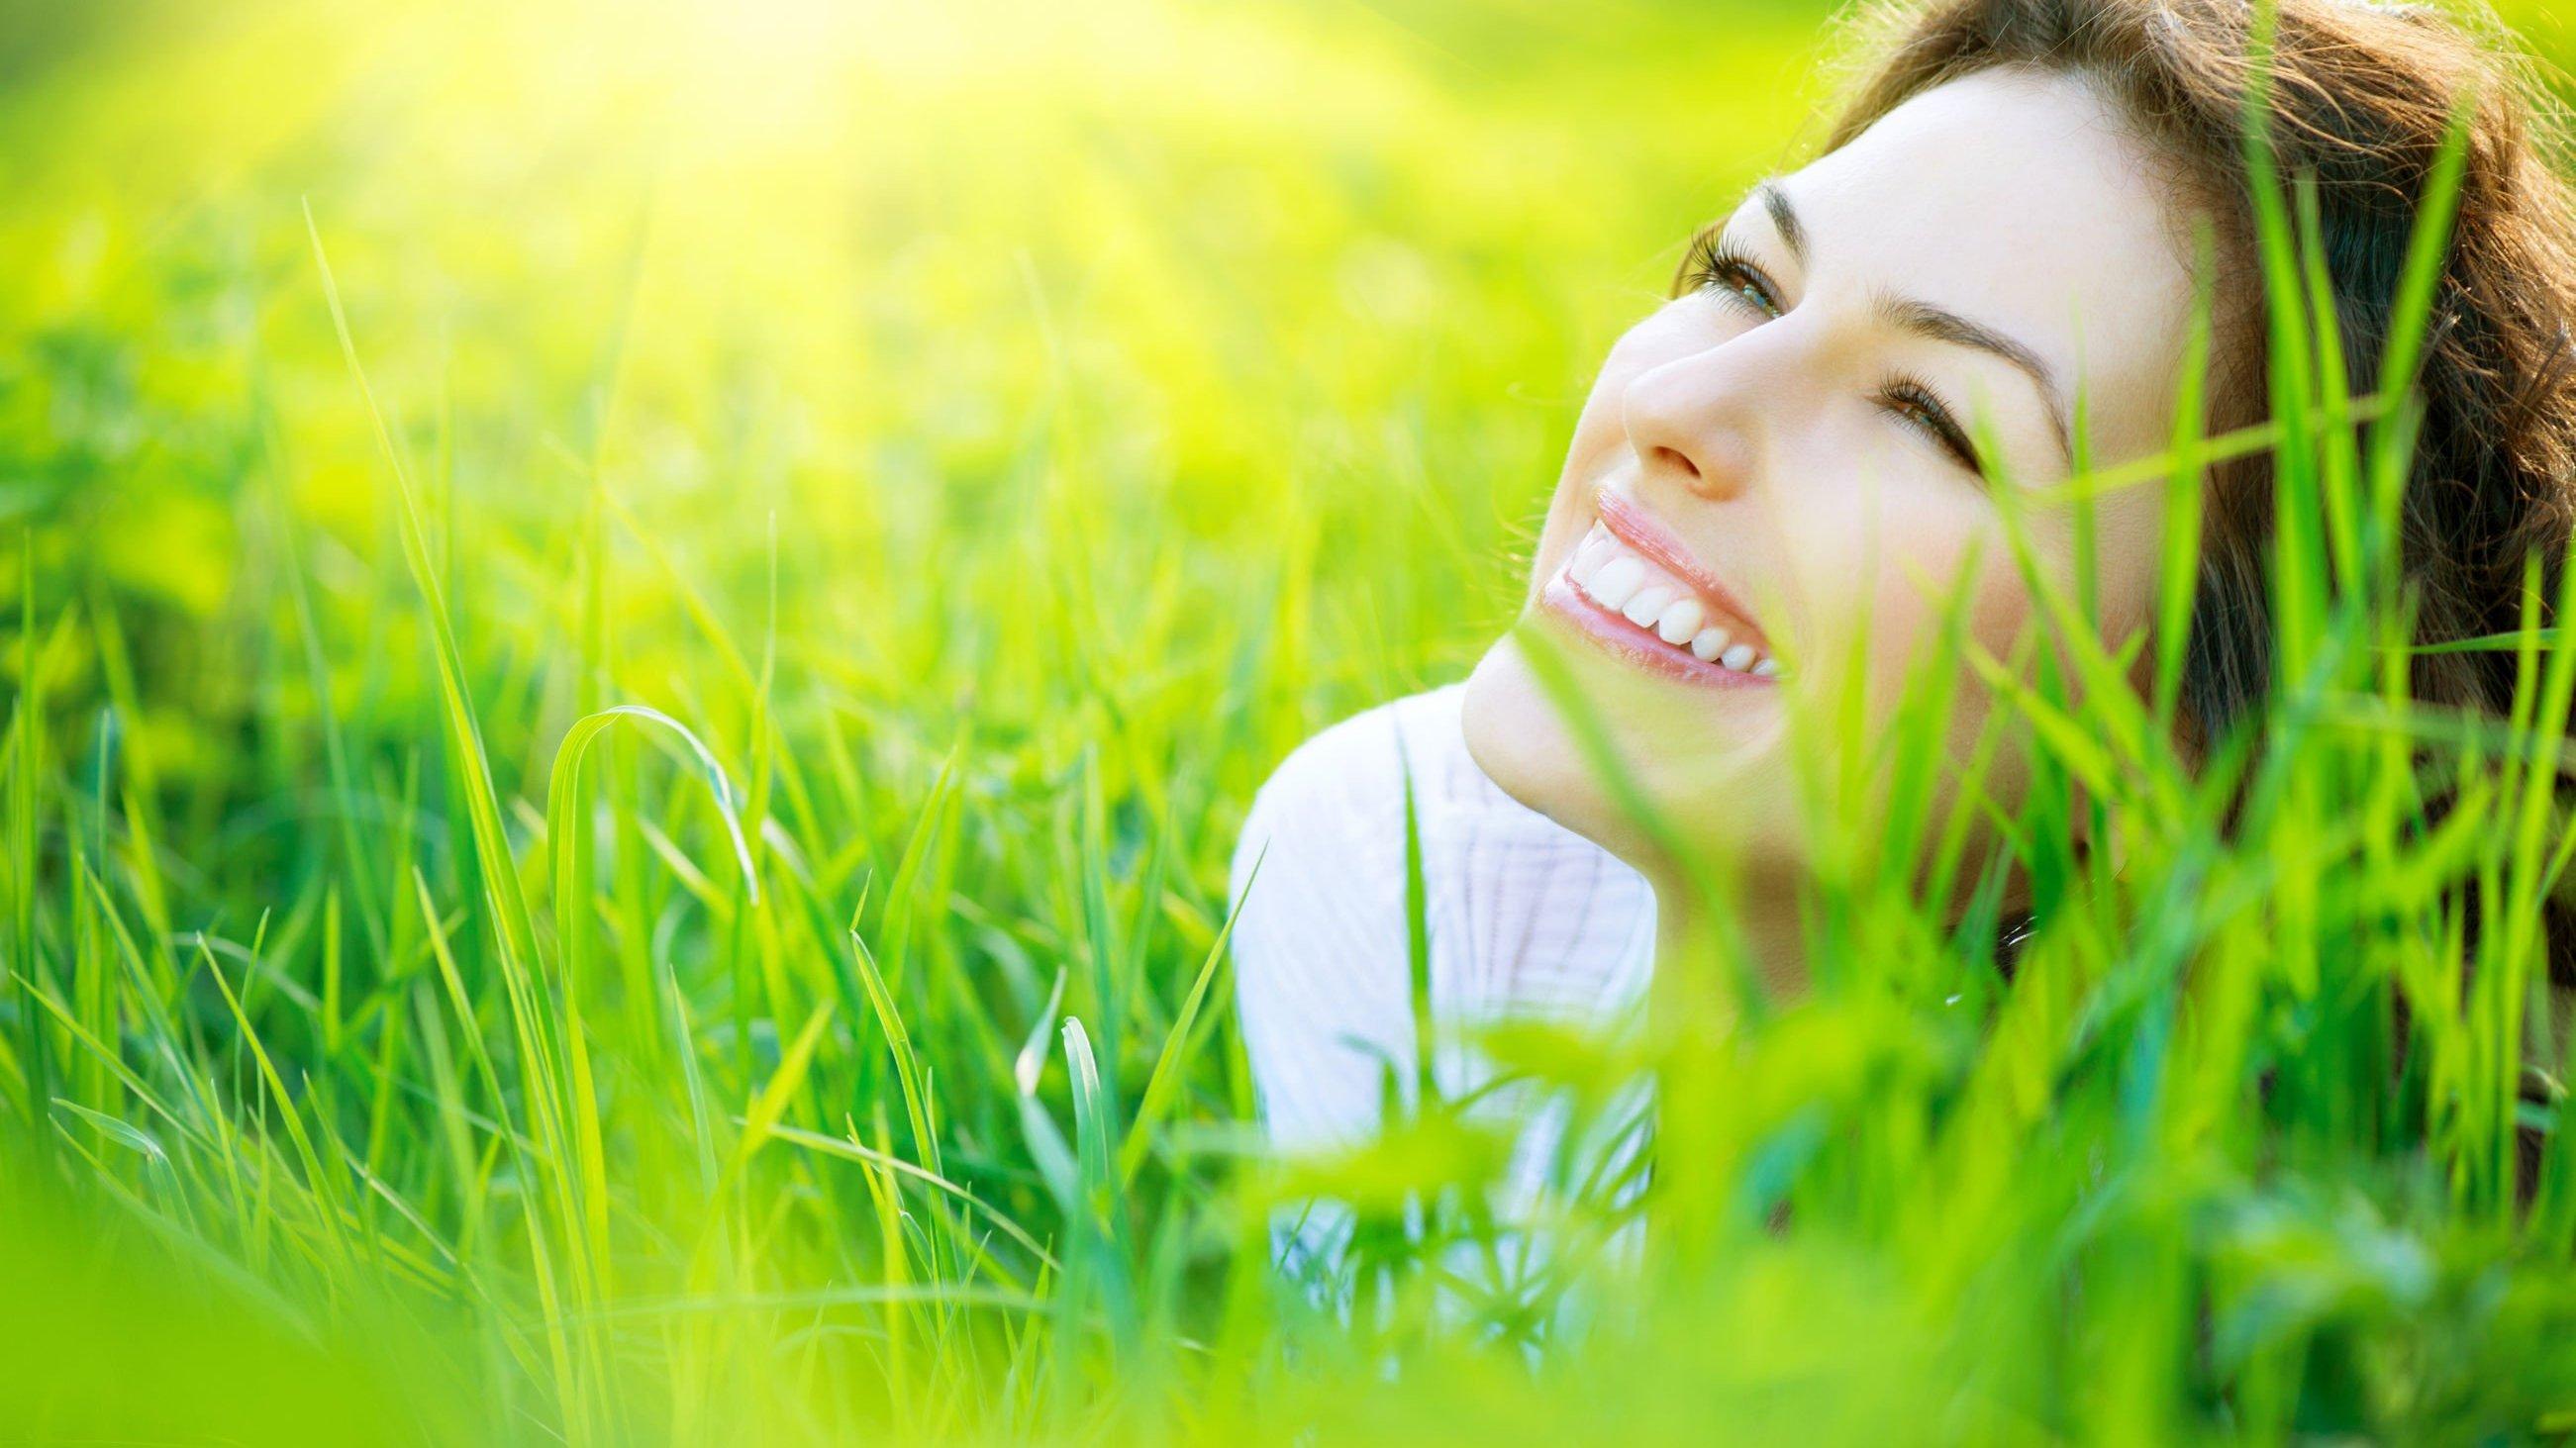 Mulher deita de bruços na grama e sorrindo.